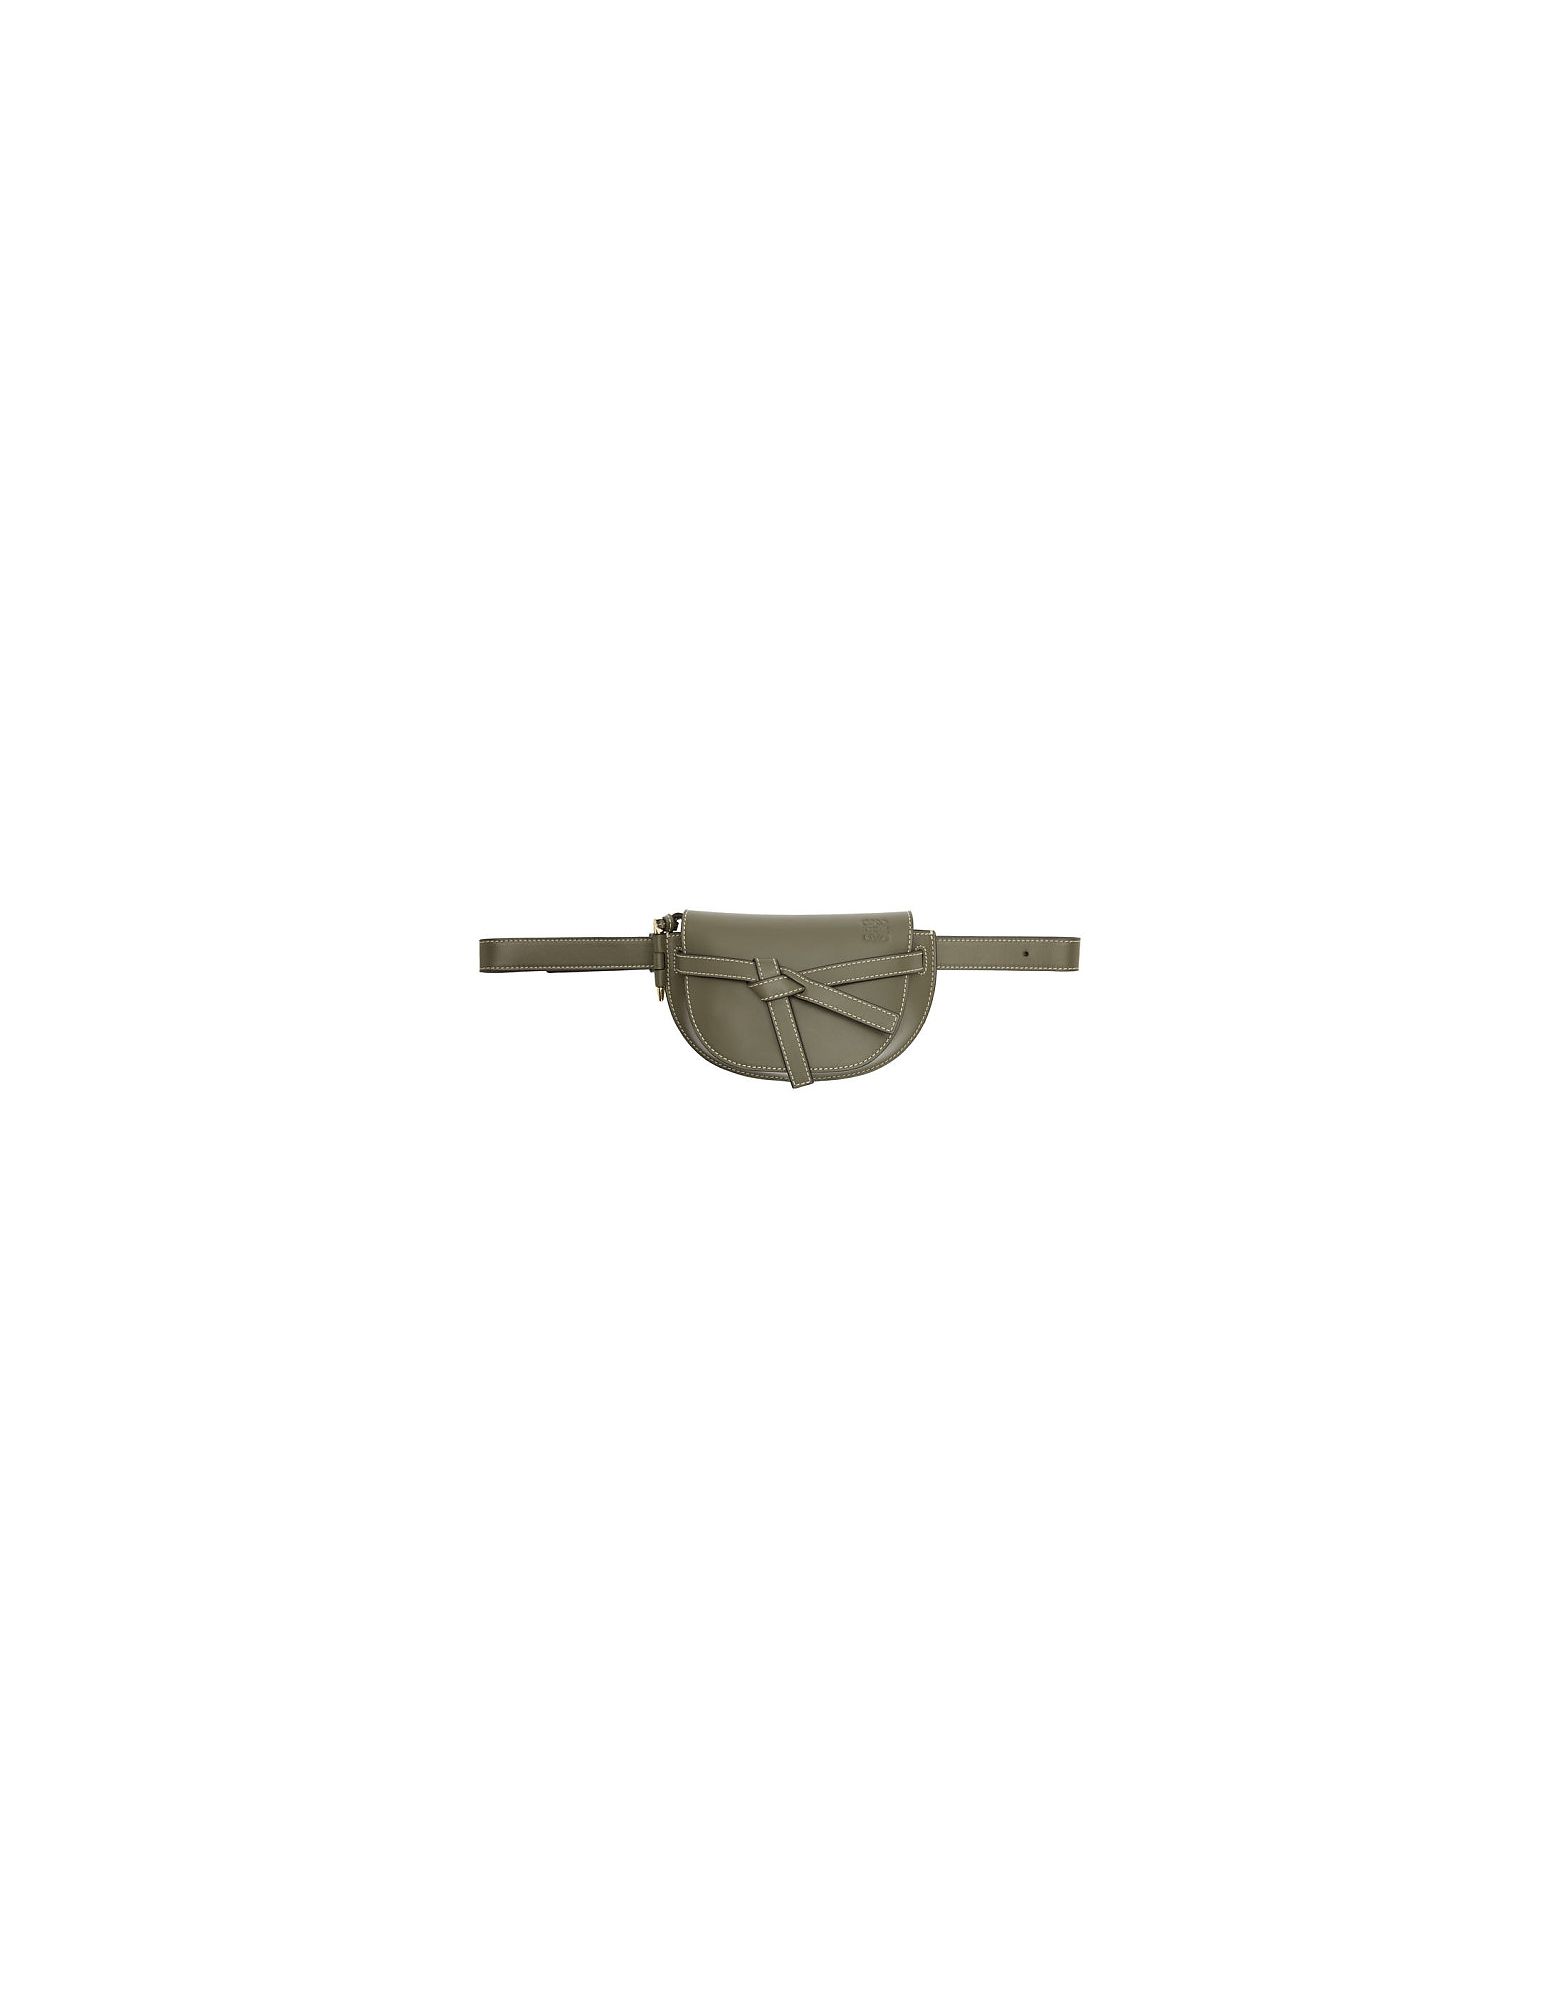 Loewe Designer Handbags, Green Mini Gate Bum Bag